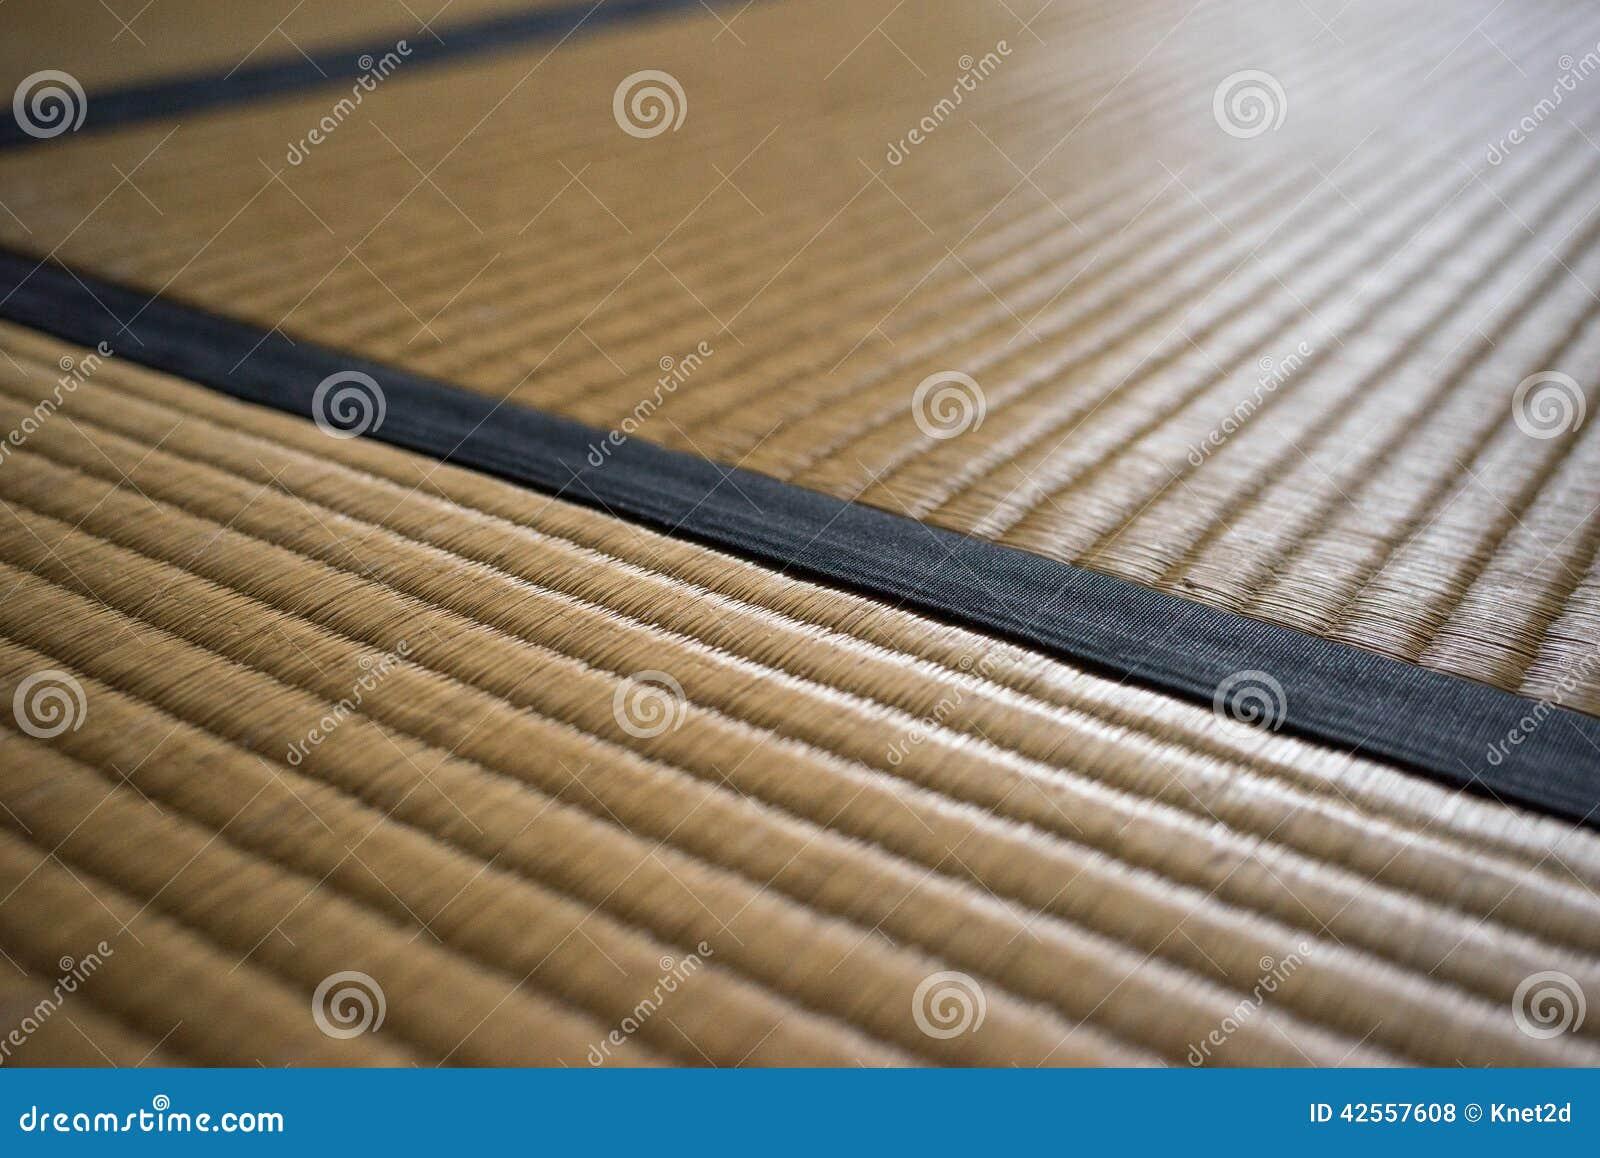 Tatami Mat Closeup With Violet Edging Heri Stock Photo